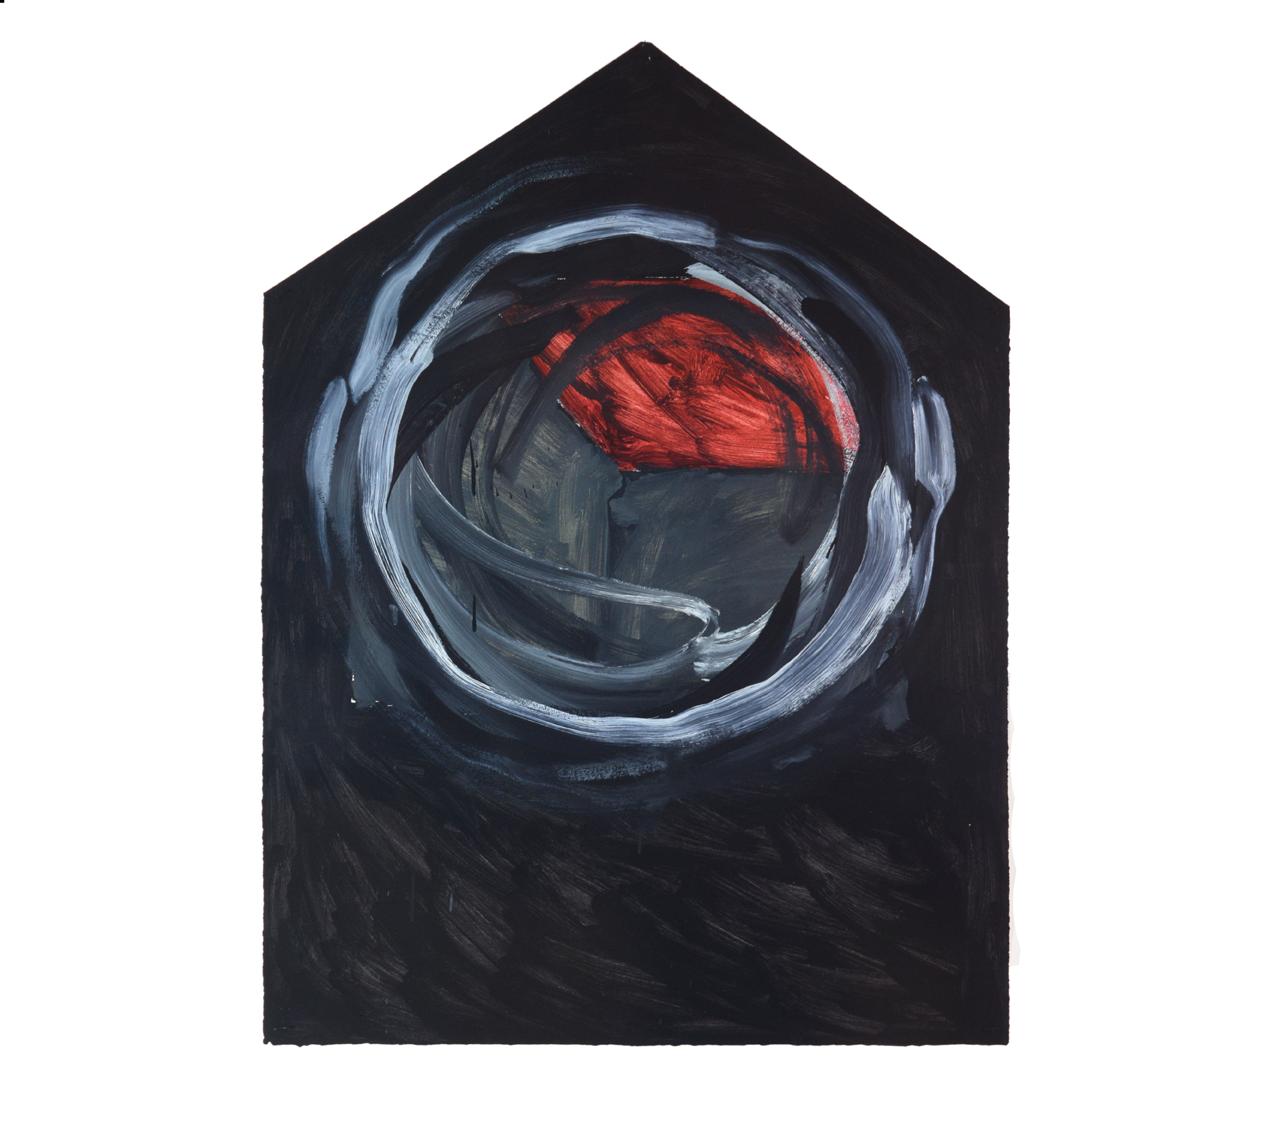 """""""Maison simple repeint circulairement noir"""" 1981, peinture à l'huile sur papier, 106 x 79 cm - Photo Hadler/Stur"""